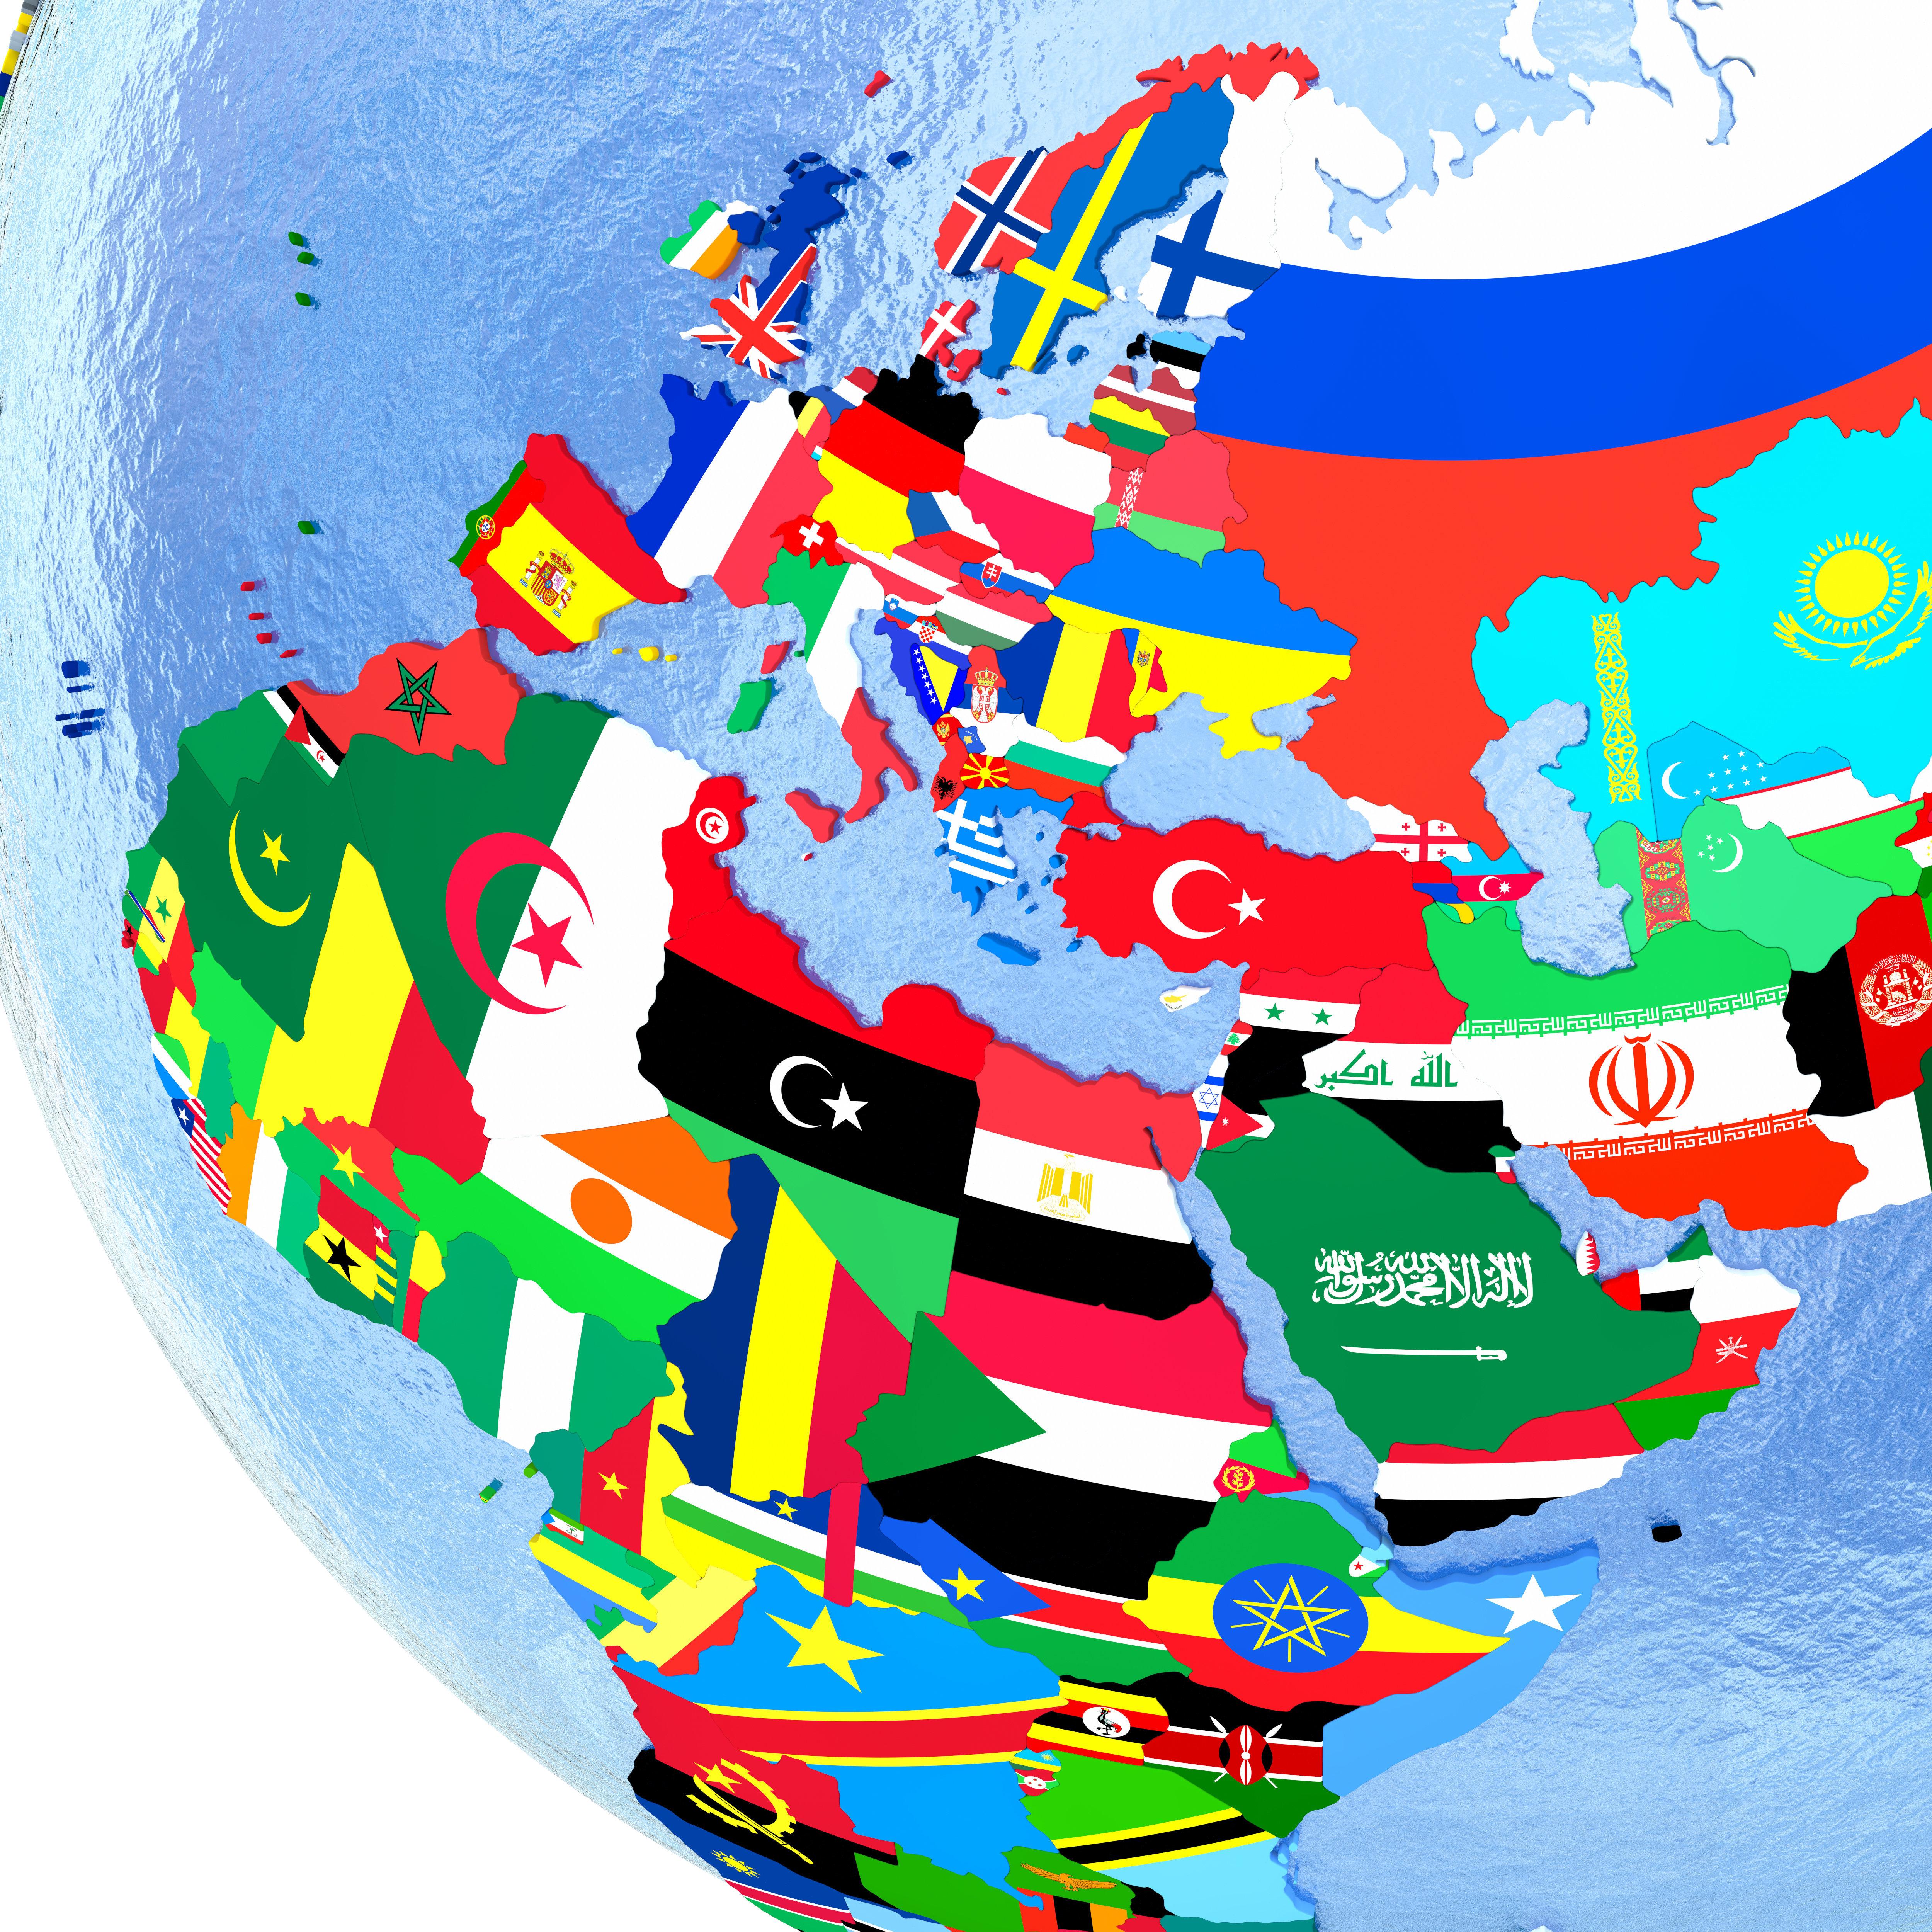 Όλες οι σημαίες που έχει αλλάξει κάθε χώρα στην ιστορία της σε έναν χάρτη και ένα